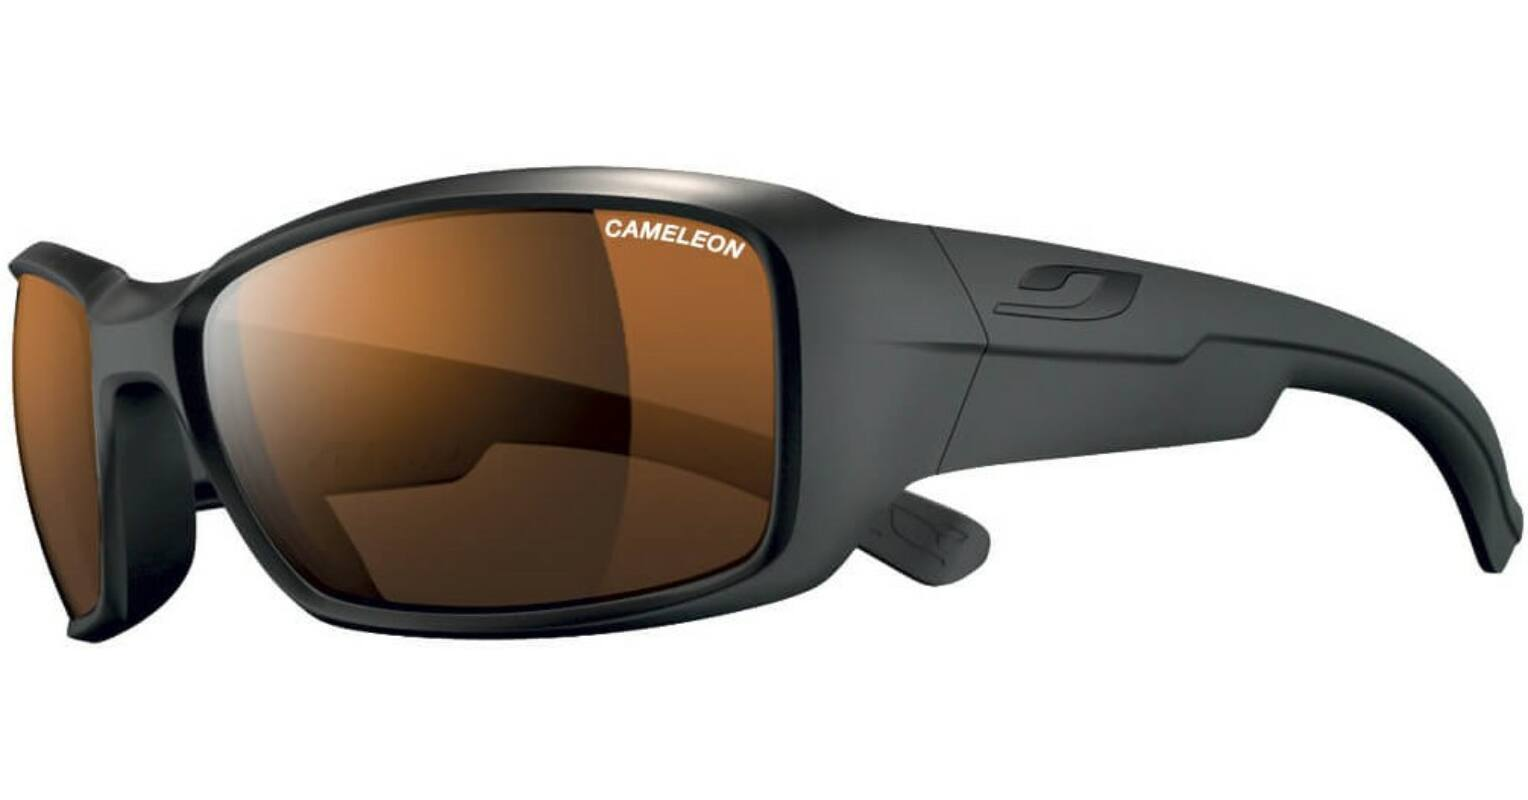 klasszikus cipő cipő olcsó top design JULBO Whoops Cameleon napszemüveg - Geotrek világjárók boltja